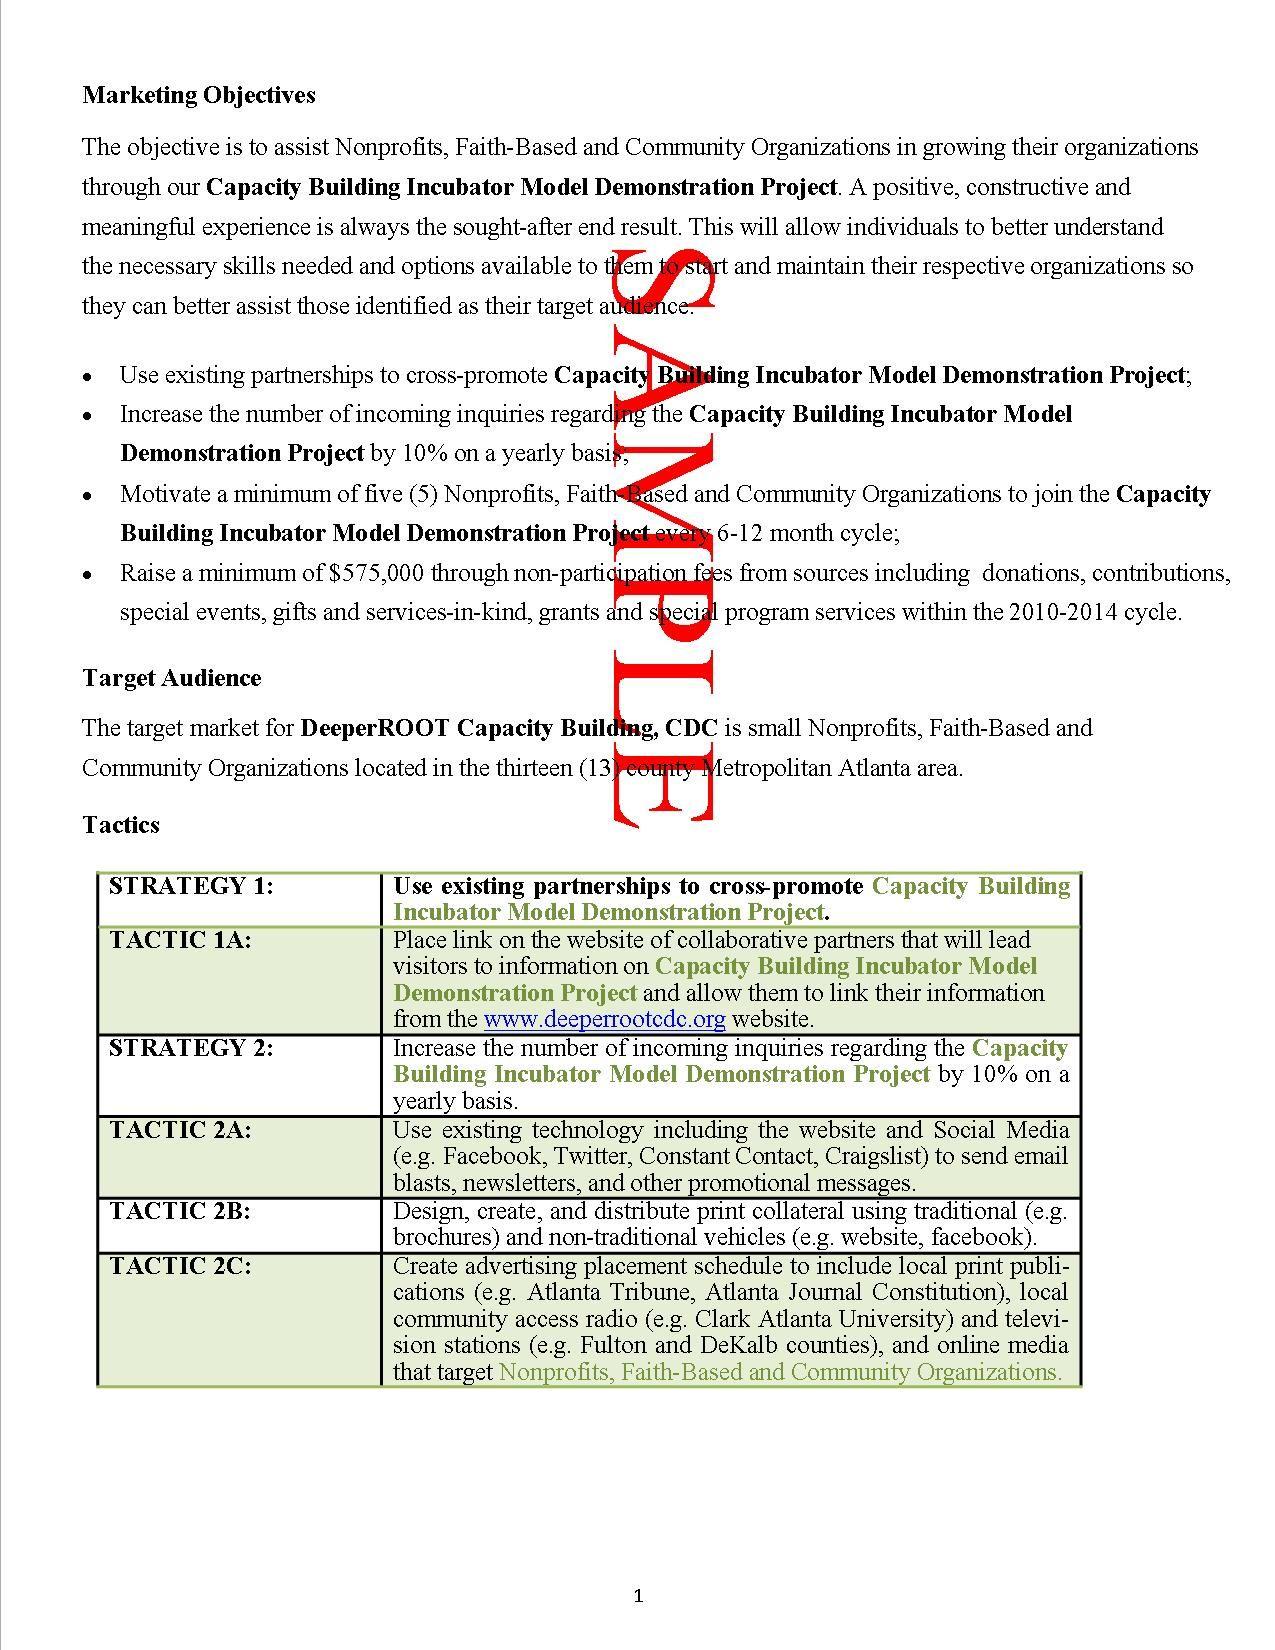 Apa research paper order